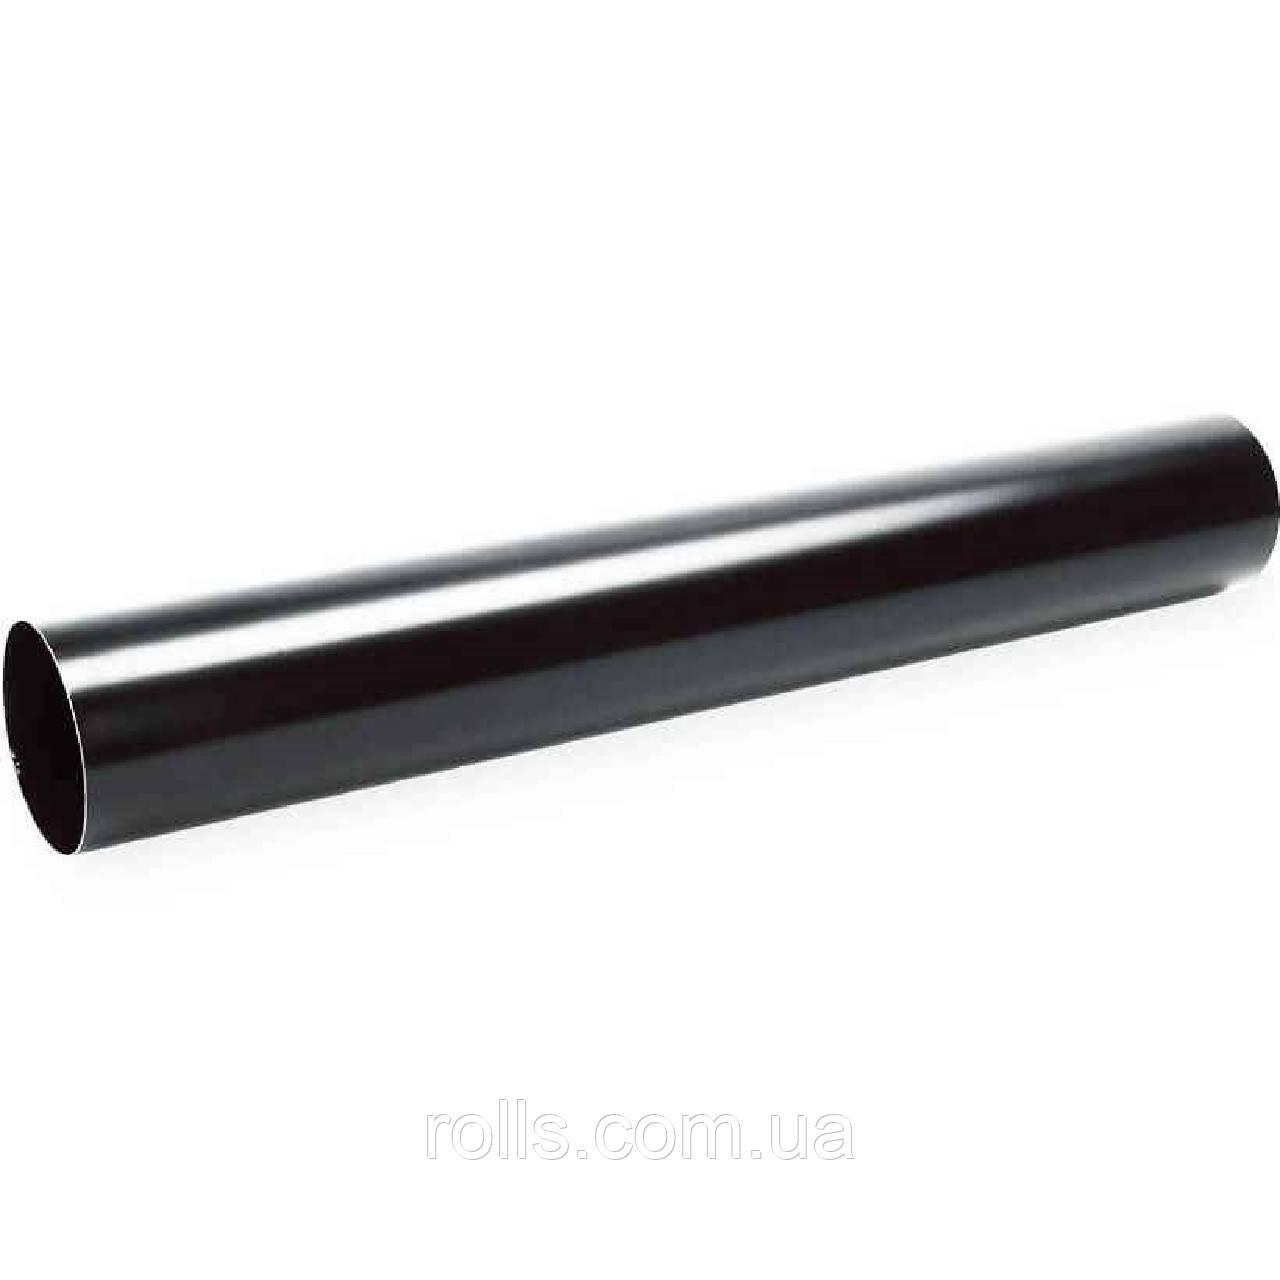 Труба водосточная 1 м.п. Galeco Stal 150/100 труба водостічна 1 м.п. SS100-_-RU100-G